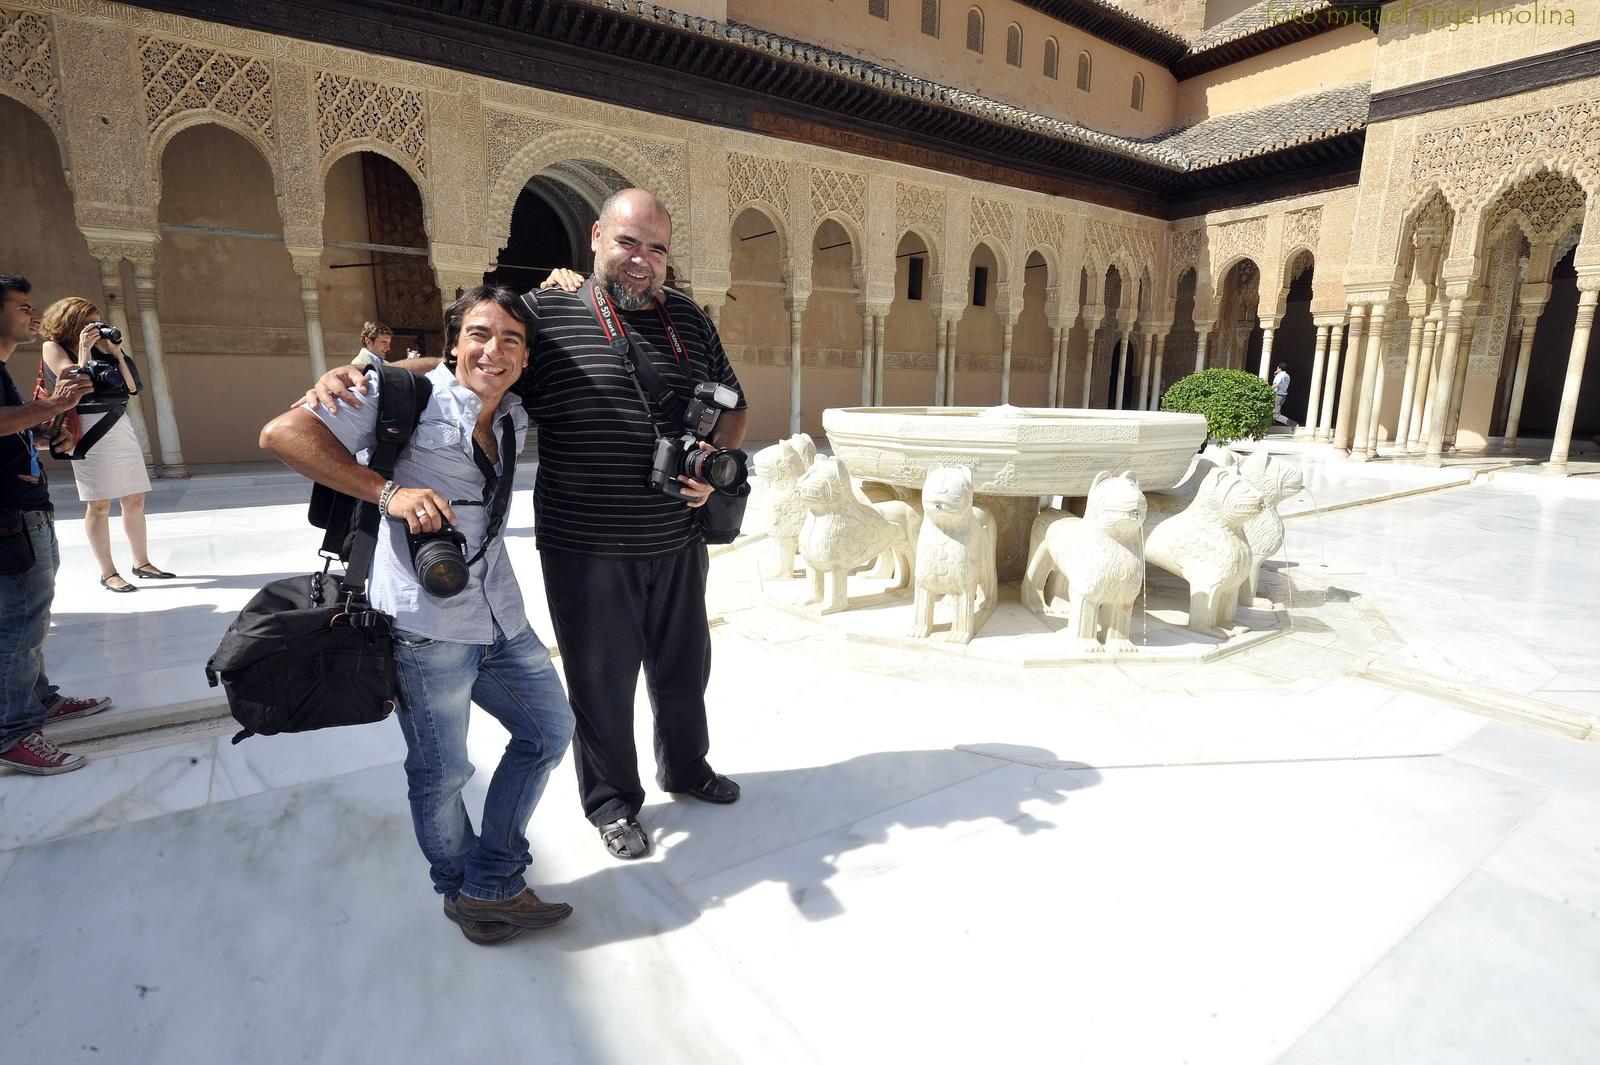 GR01. GRANADA, 27/07/12. El presidente de la Junta de Andalucia Jose Antonio Griñan ha inaugurado hoy la rehabilitación del patio de los leones de la Alhambra en el recinto nazari esta mañana. En la imagen el aspecto que presenta el patio de los leones tras años de obras de conservación.